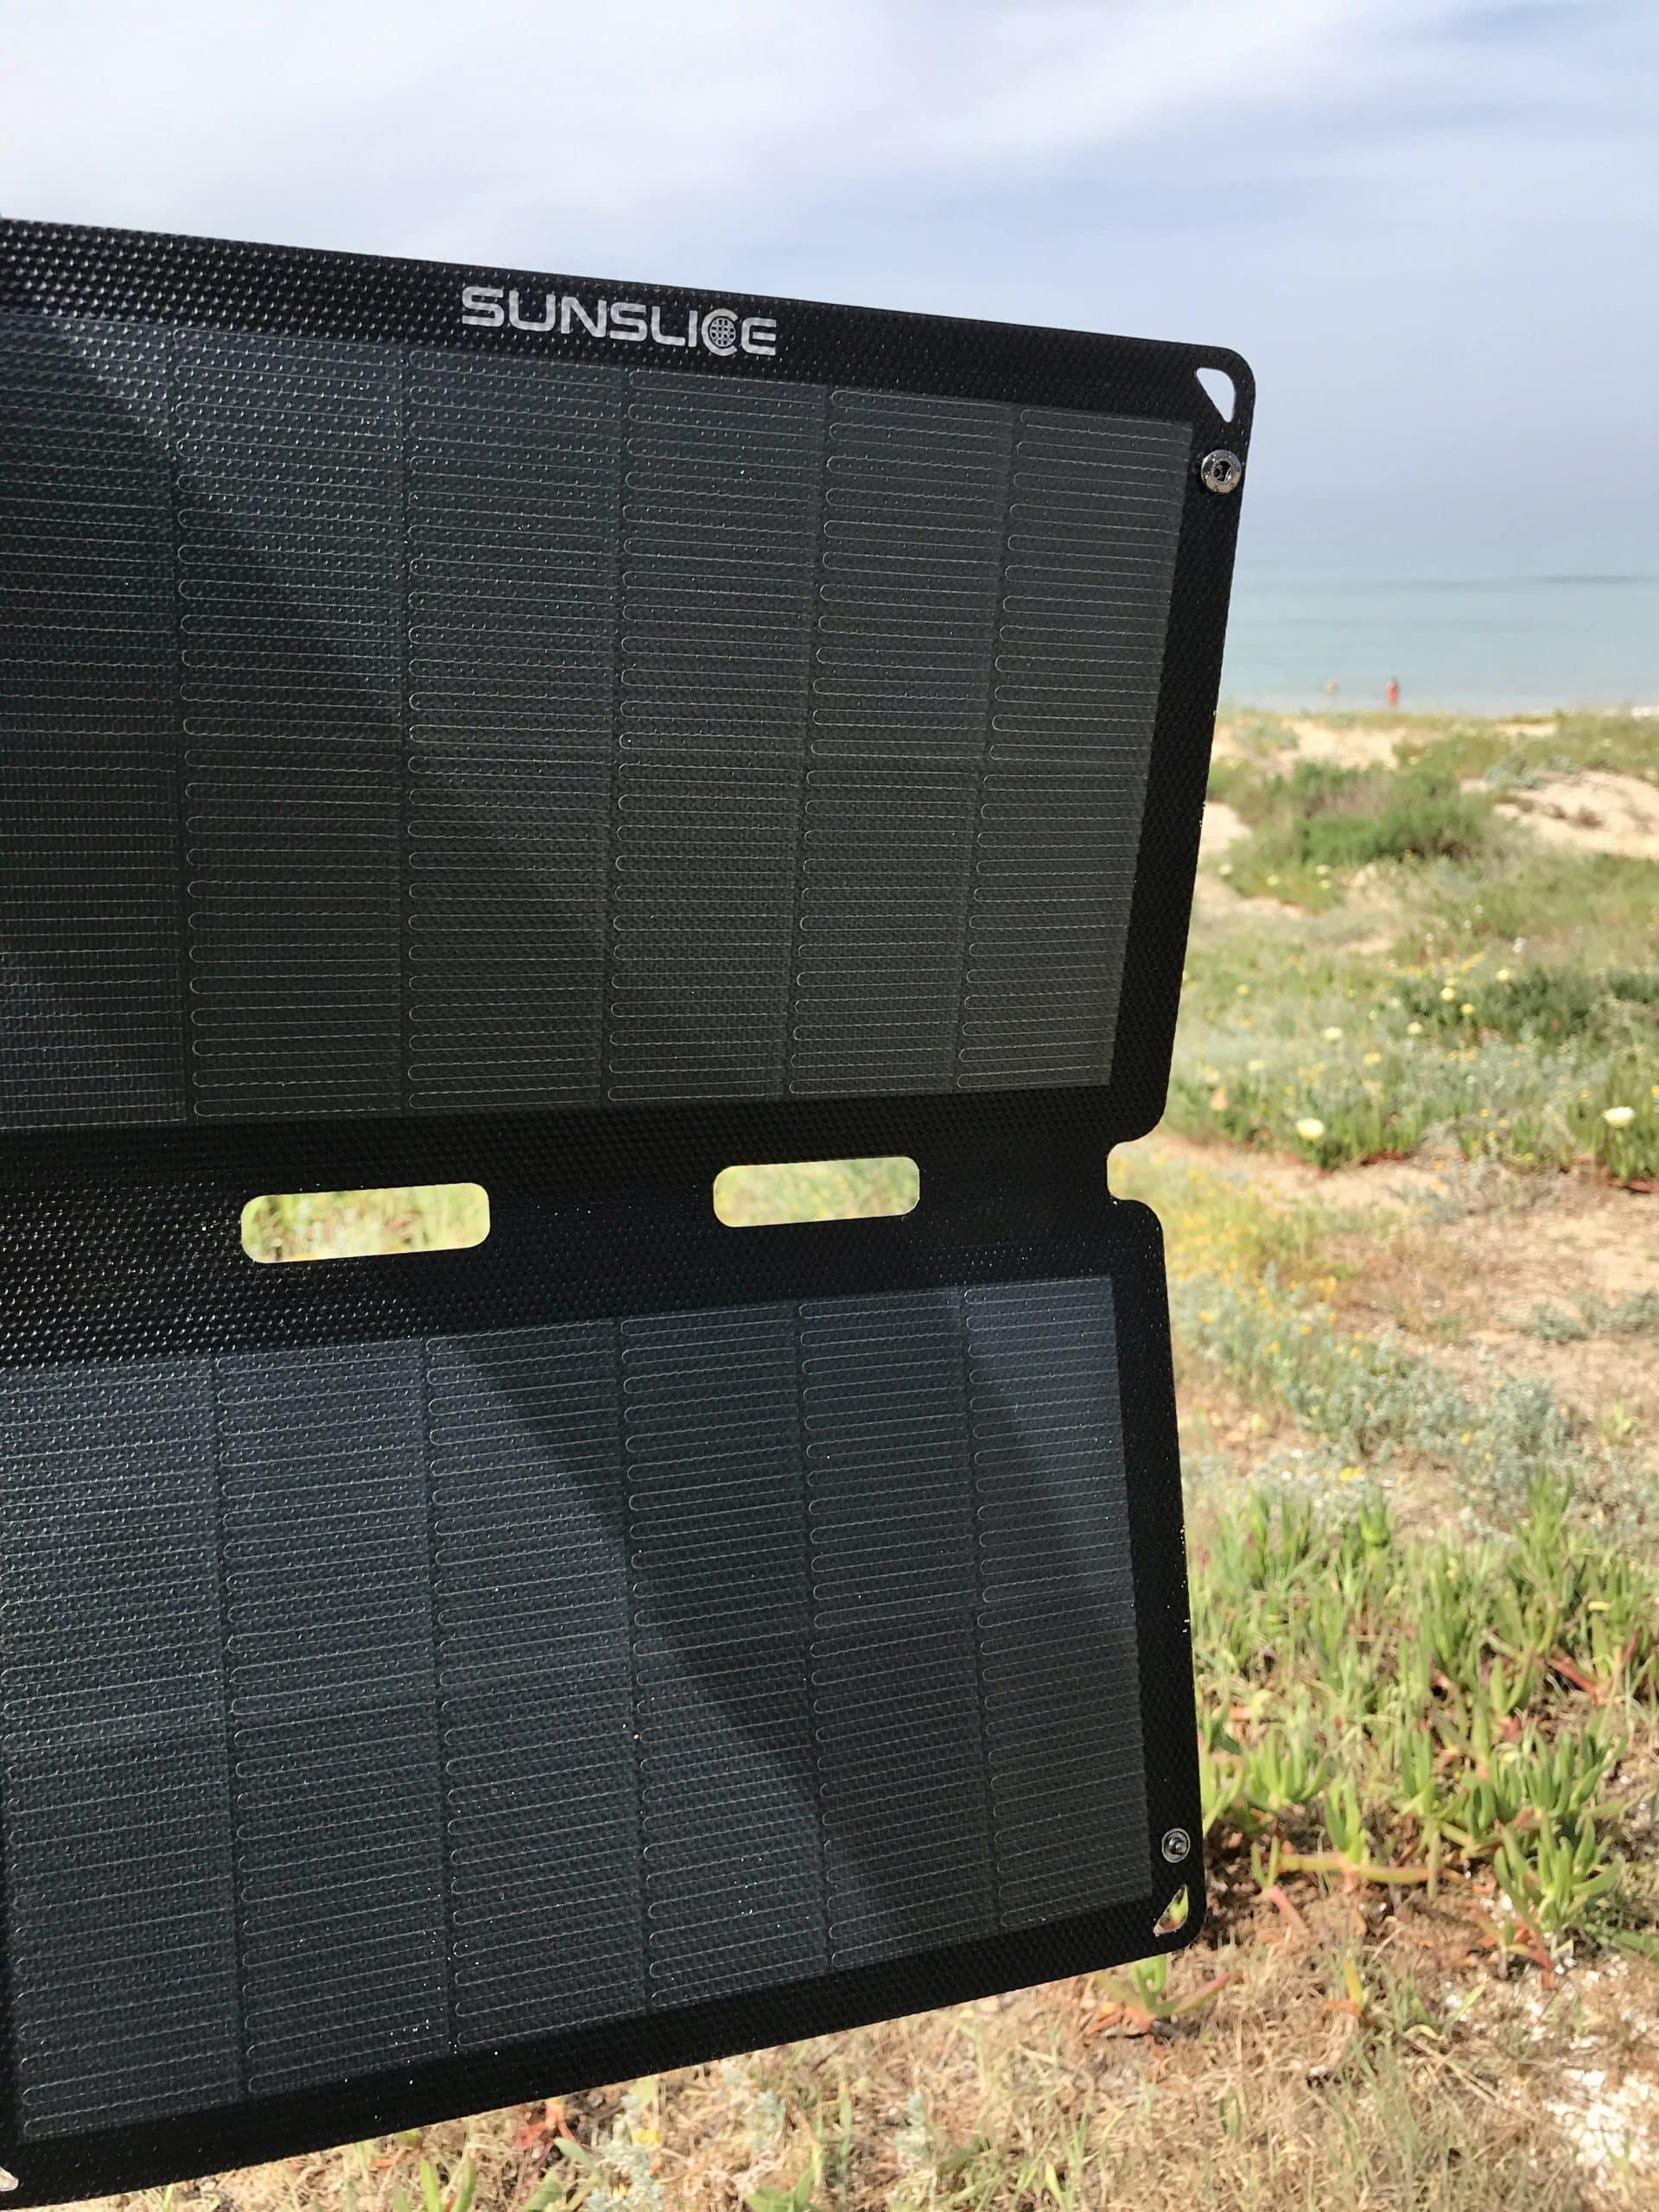 panneaux solaire sunslice